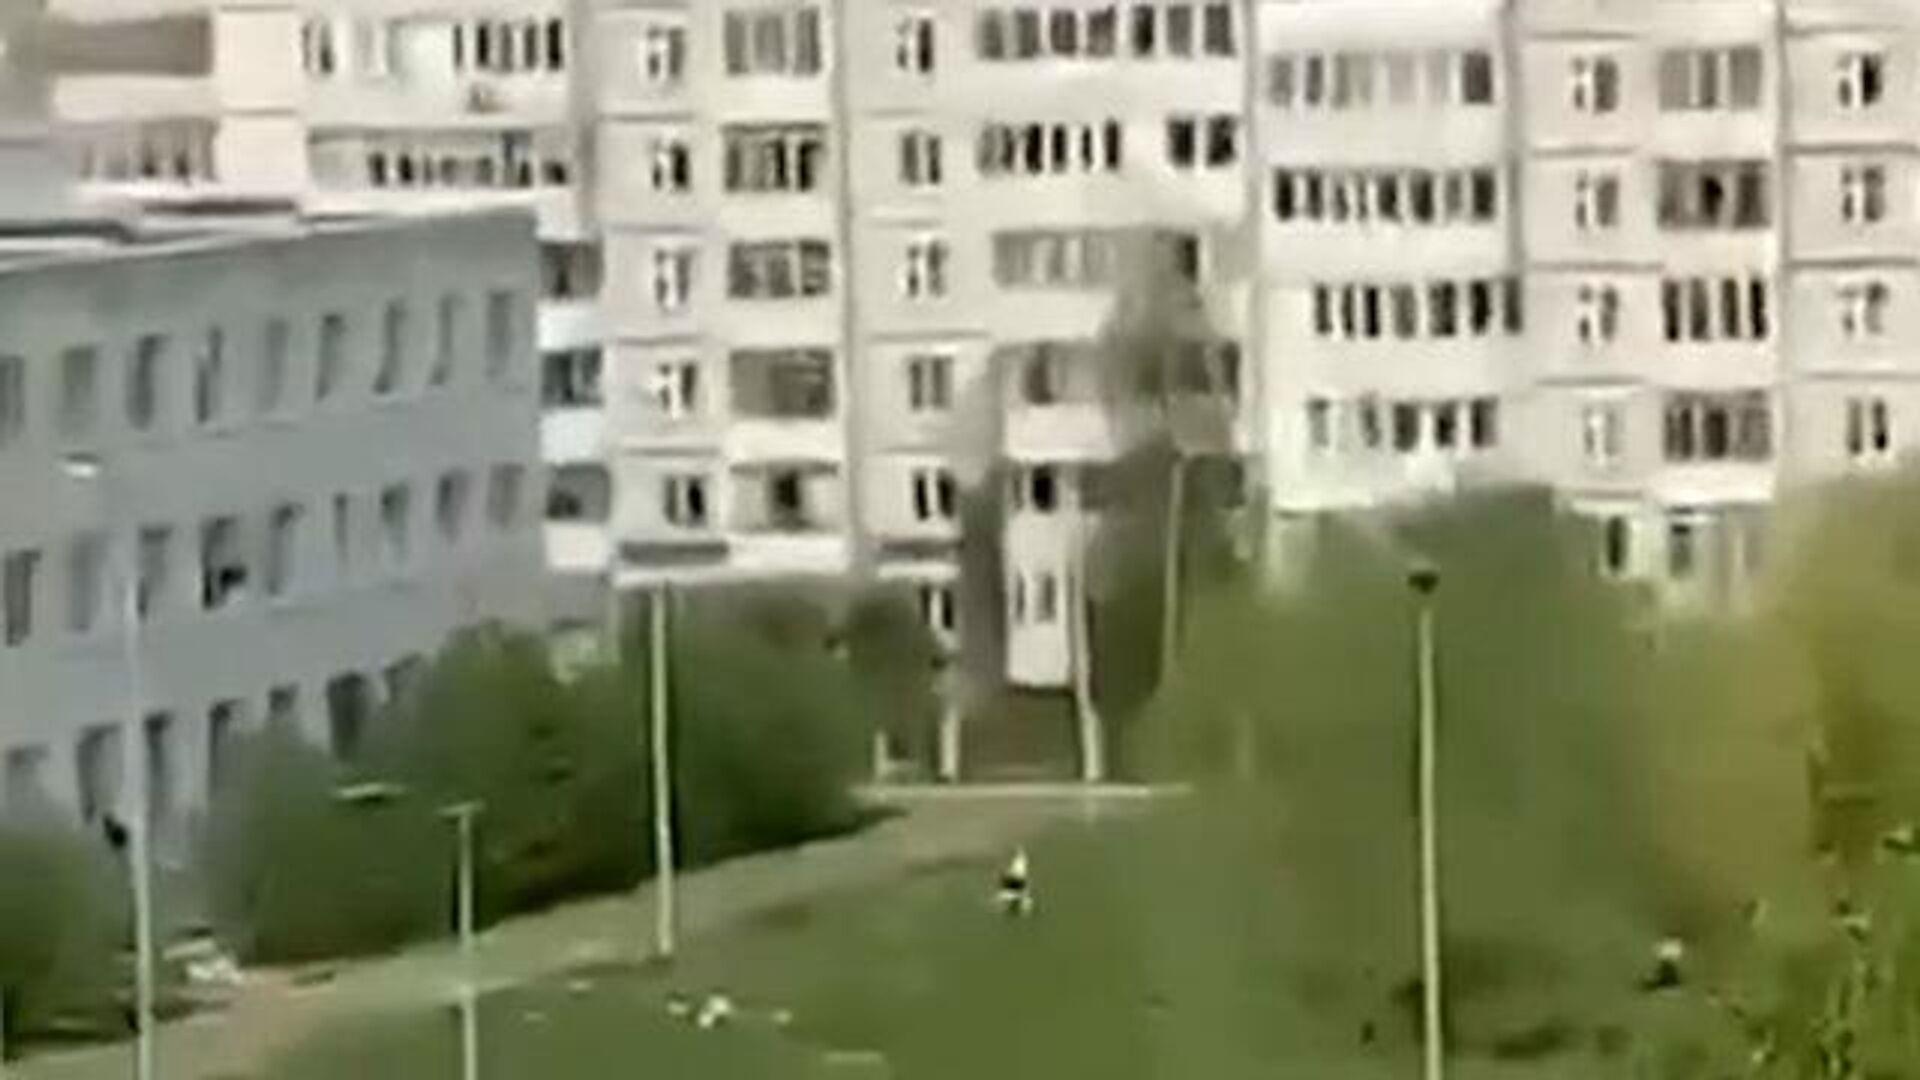 Дети спасаются, выпрыгивая из окон казанской школы. Кадры очевидцев - РИА Новости, 1920, 11.05.2021